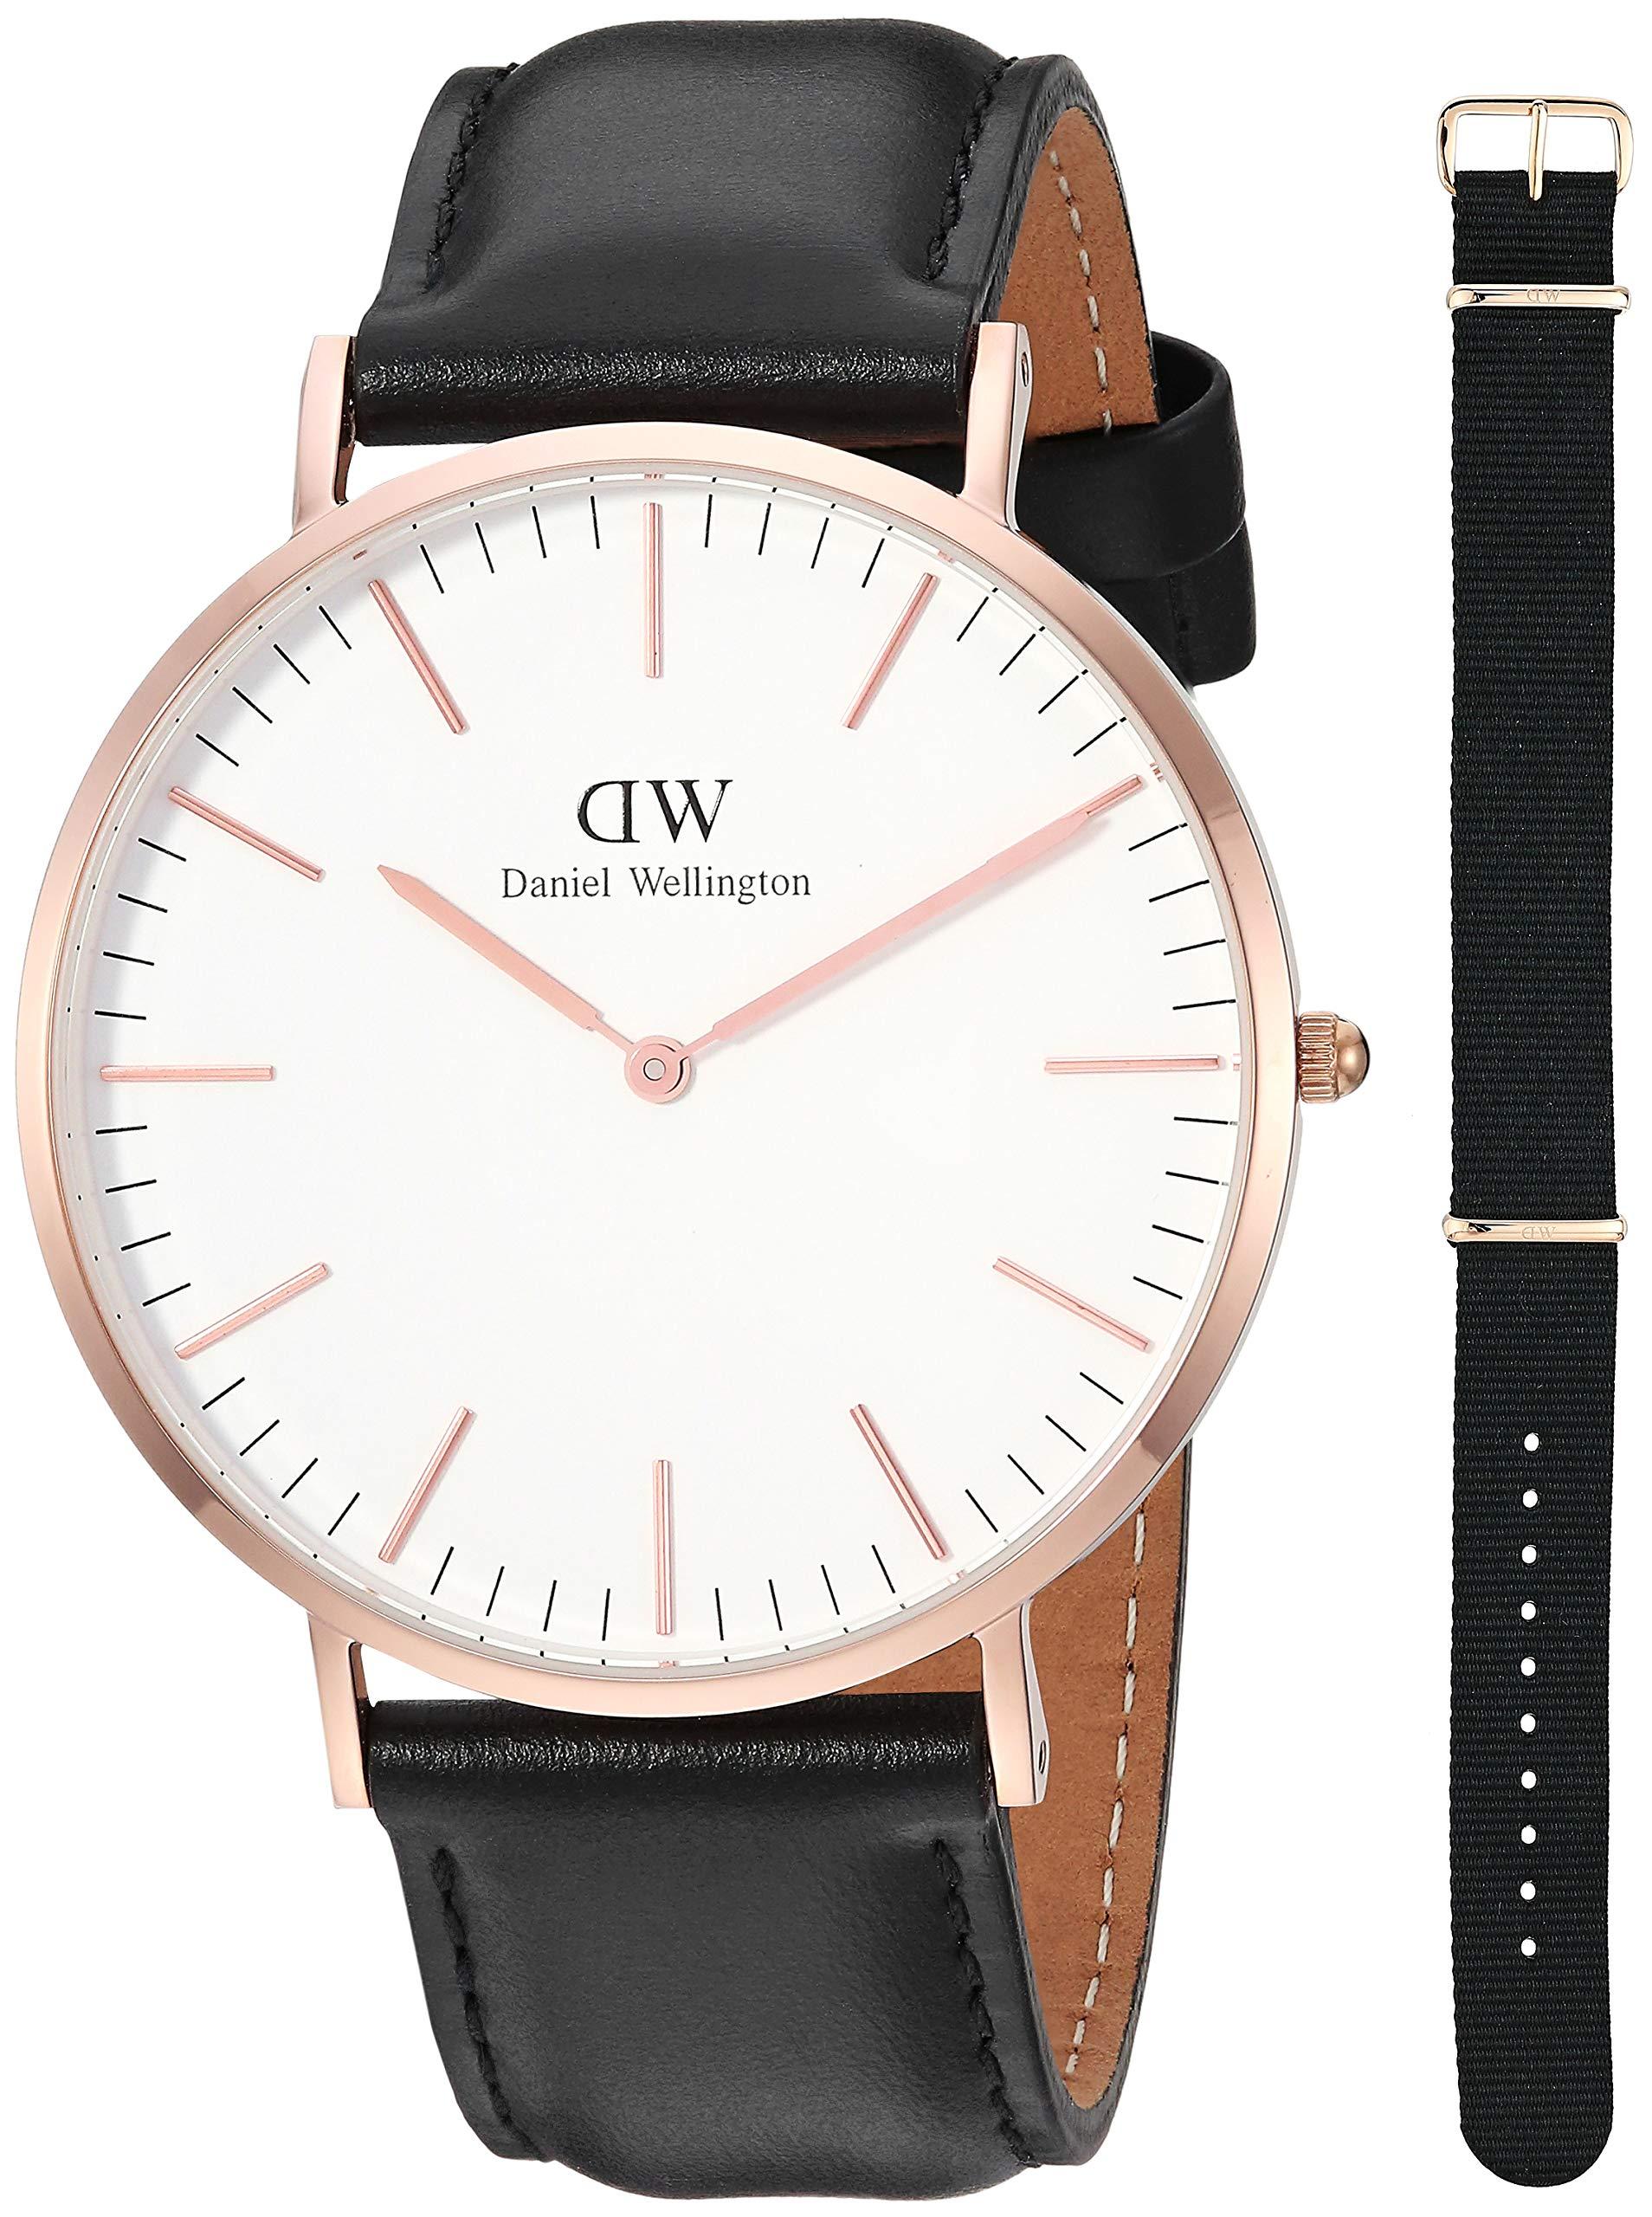 Daniel Wellington Reloj Analógico para Hombre de Cuarzo con Correa en Cuero DW00500002